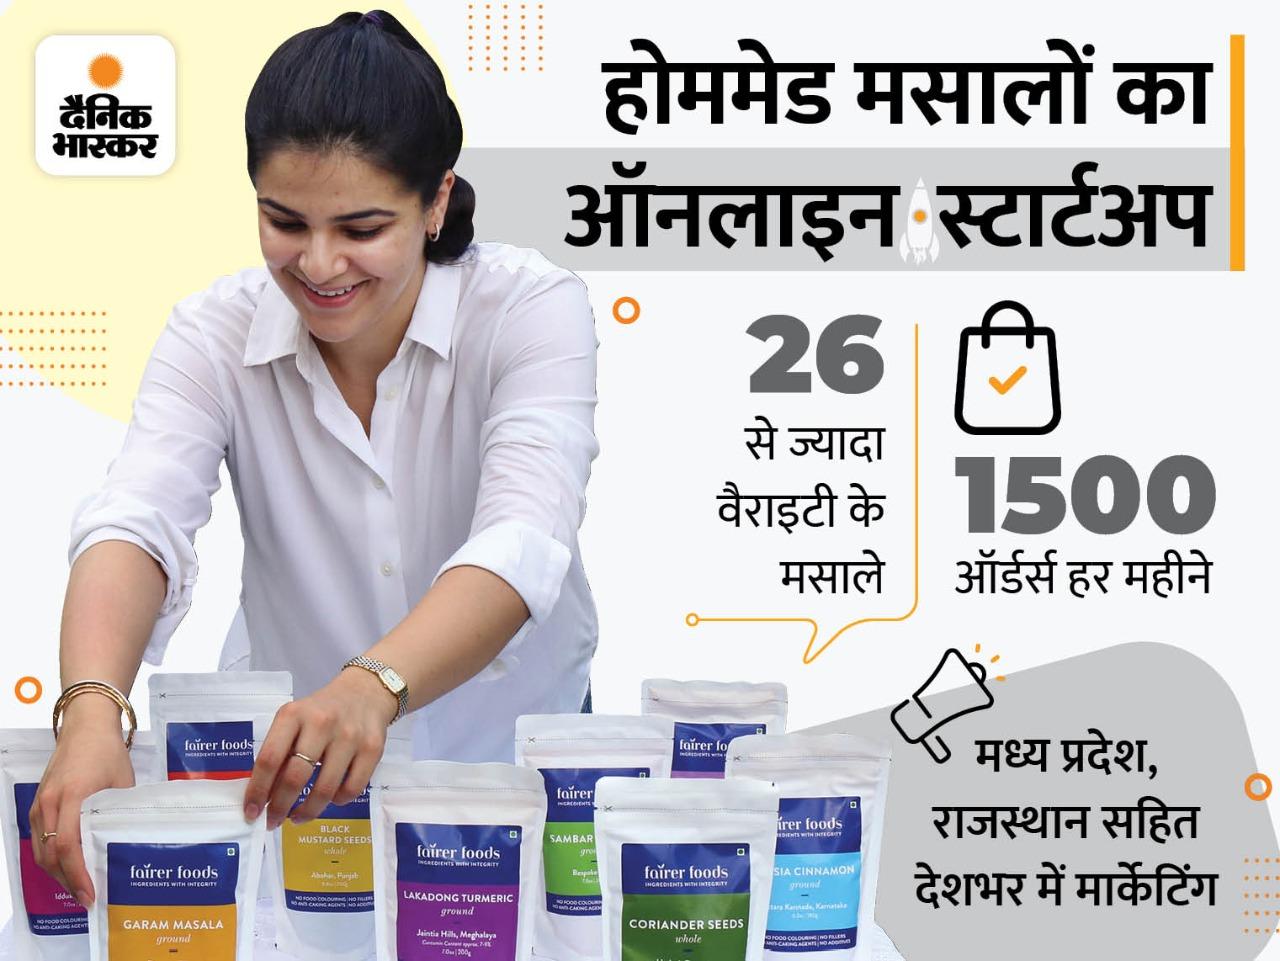 लॉकडाउन में किचन के मसाले खत्म हुए तो घर पर ही मसाले तैयार करना शुरू किया, अब देशभर में मार्केटिंग, हर महीने लाखों कमा रहीं|DB ओरिजिनल,DB Original - Dainik Bhaskar